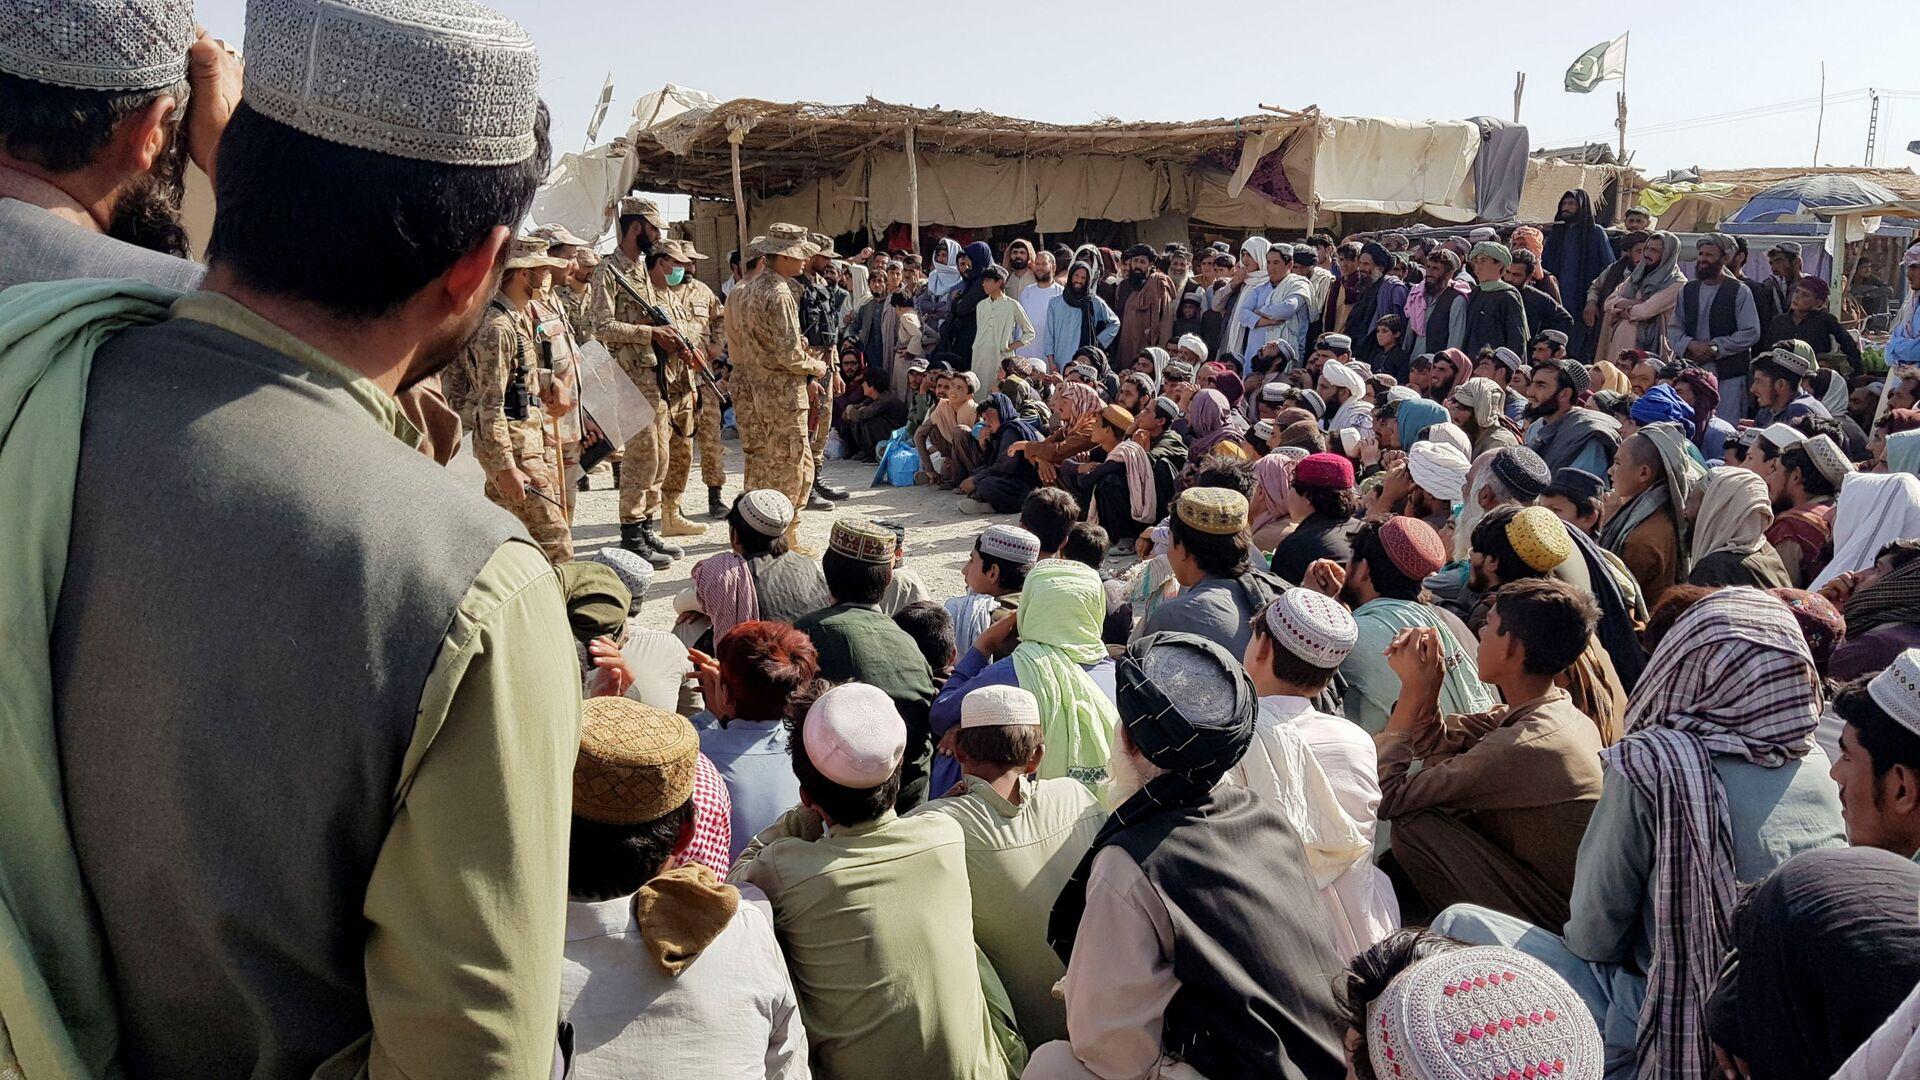 Солдаты пакистанской армии разговаривают с людьми, которые собираются пересечь пункт пропуска в пакистано-афганском пограничном городе Чаман - Sputnik Узбекистан, 1920, 23.08.2021